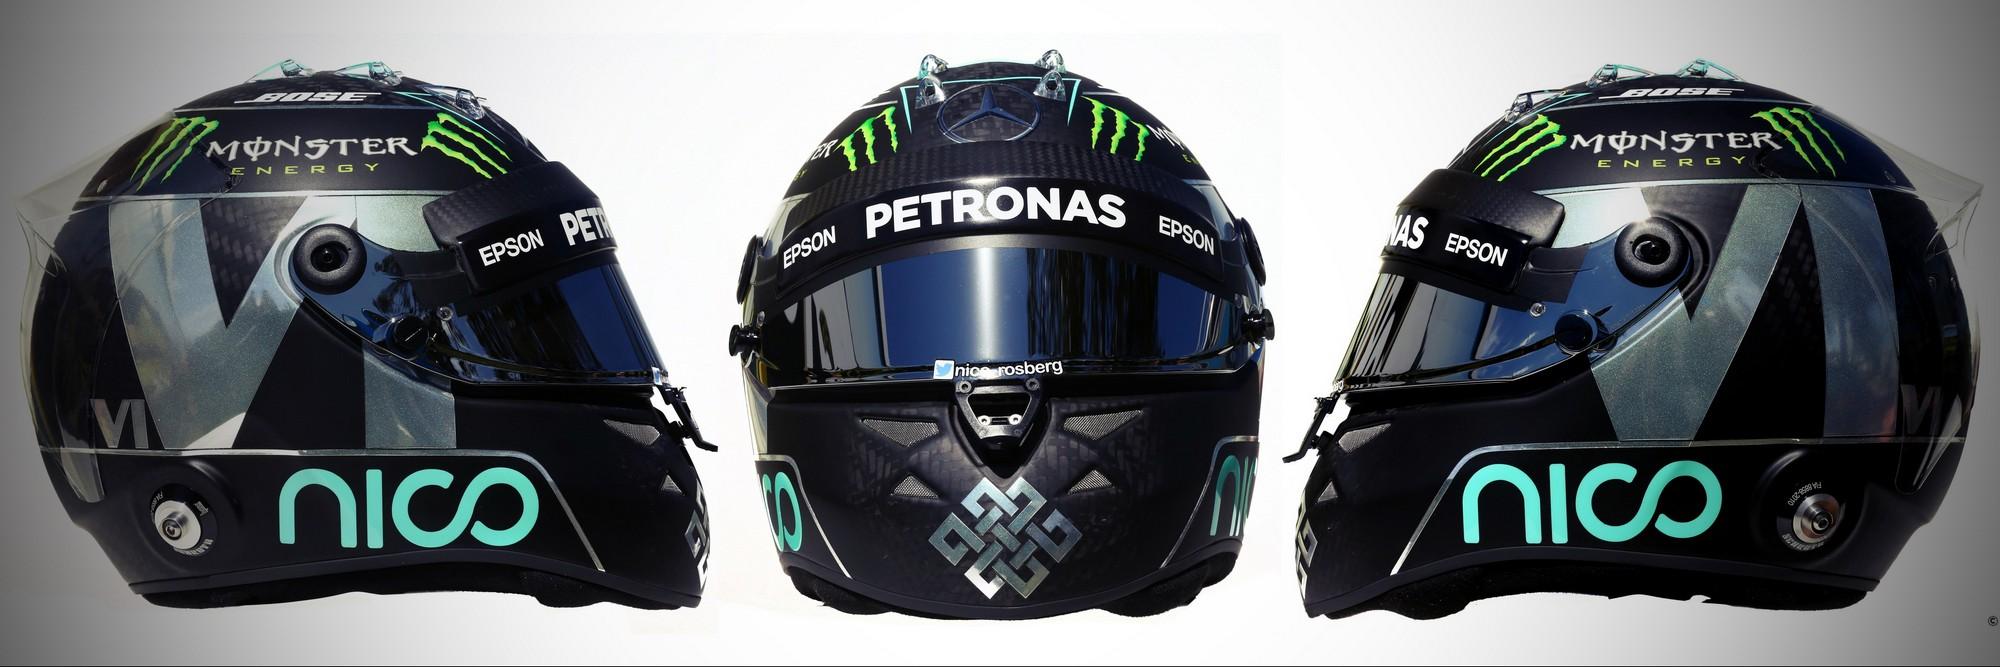 Шлемы гонщиков Формулы-1 2015 года | Formula Fan | 667x2000